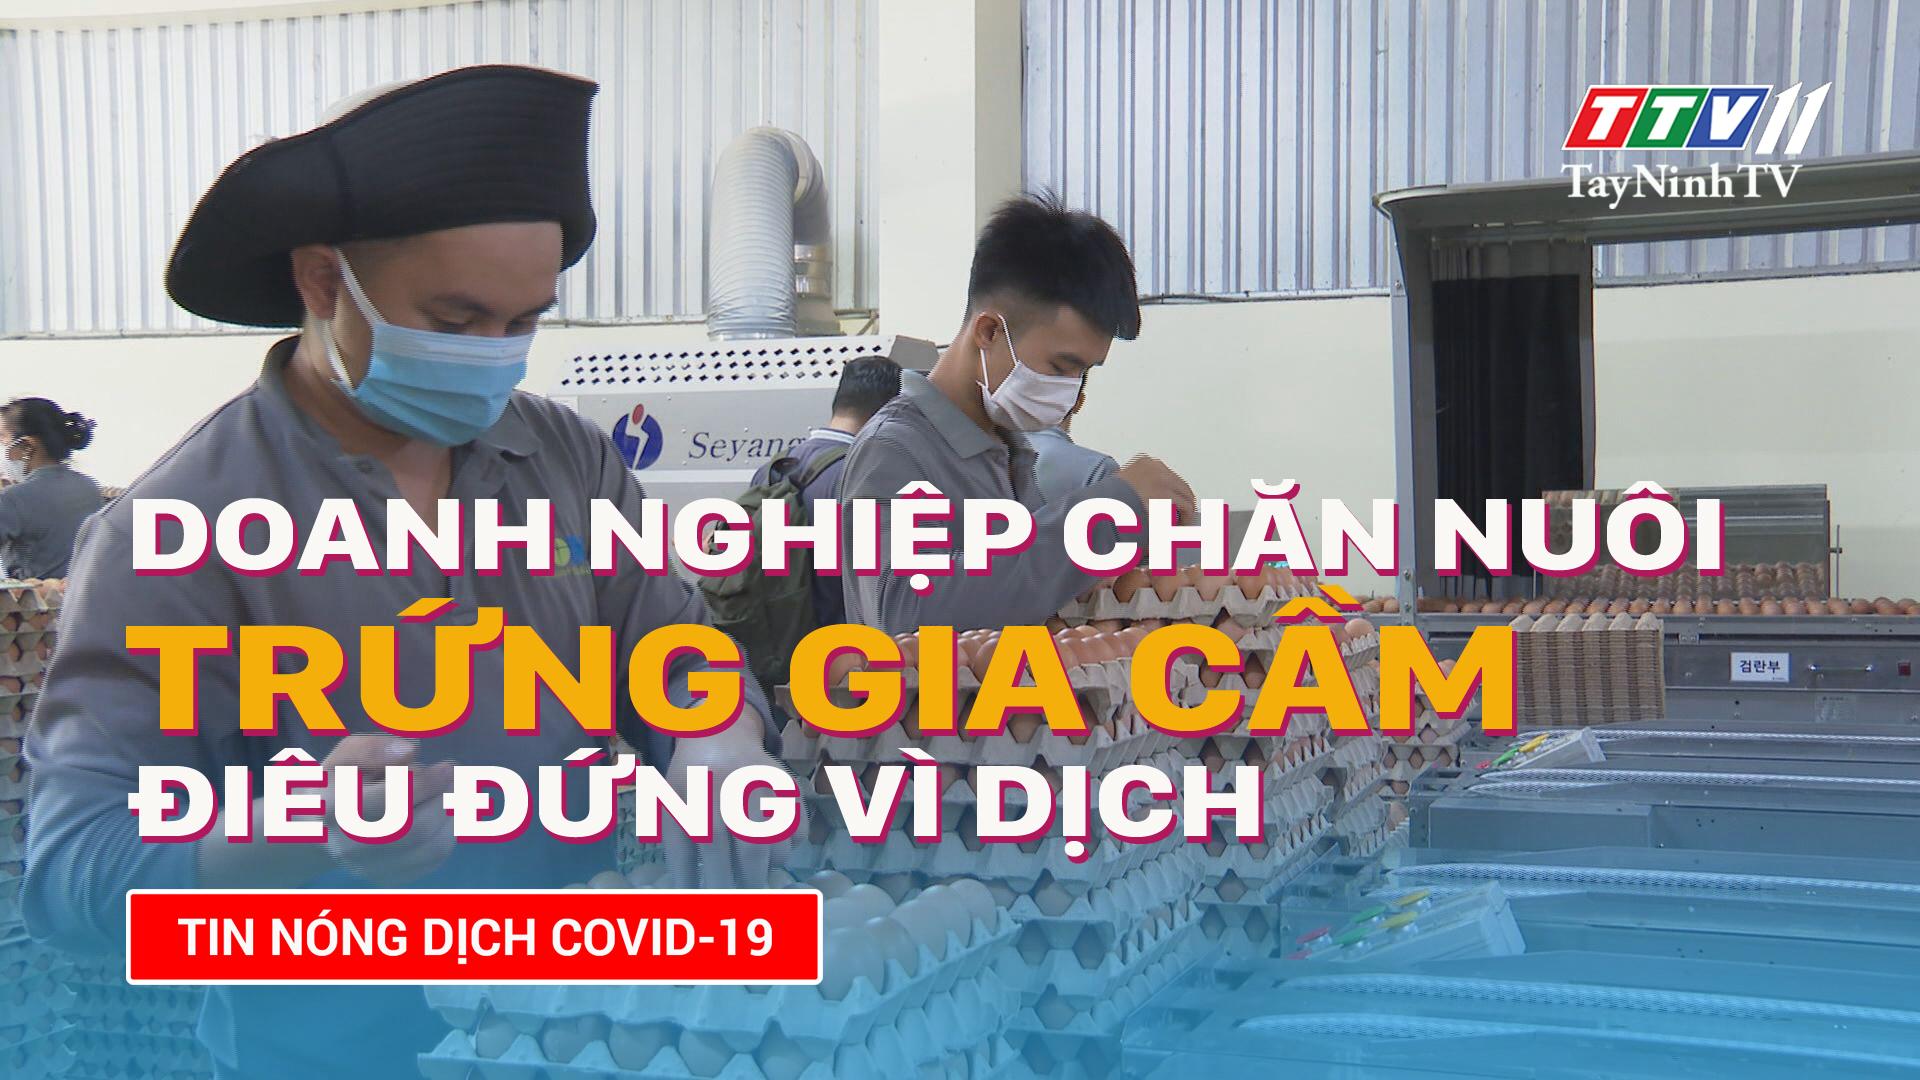 Doanh nghiệp chăn nuôi trứng gia cầm điêu đứng vì dịch | TayNinhTV